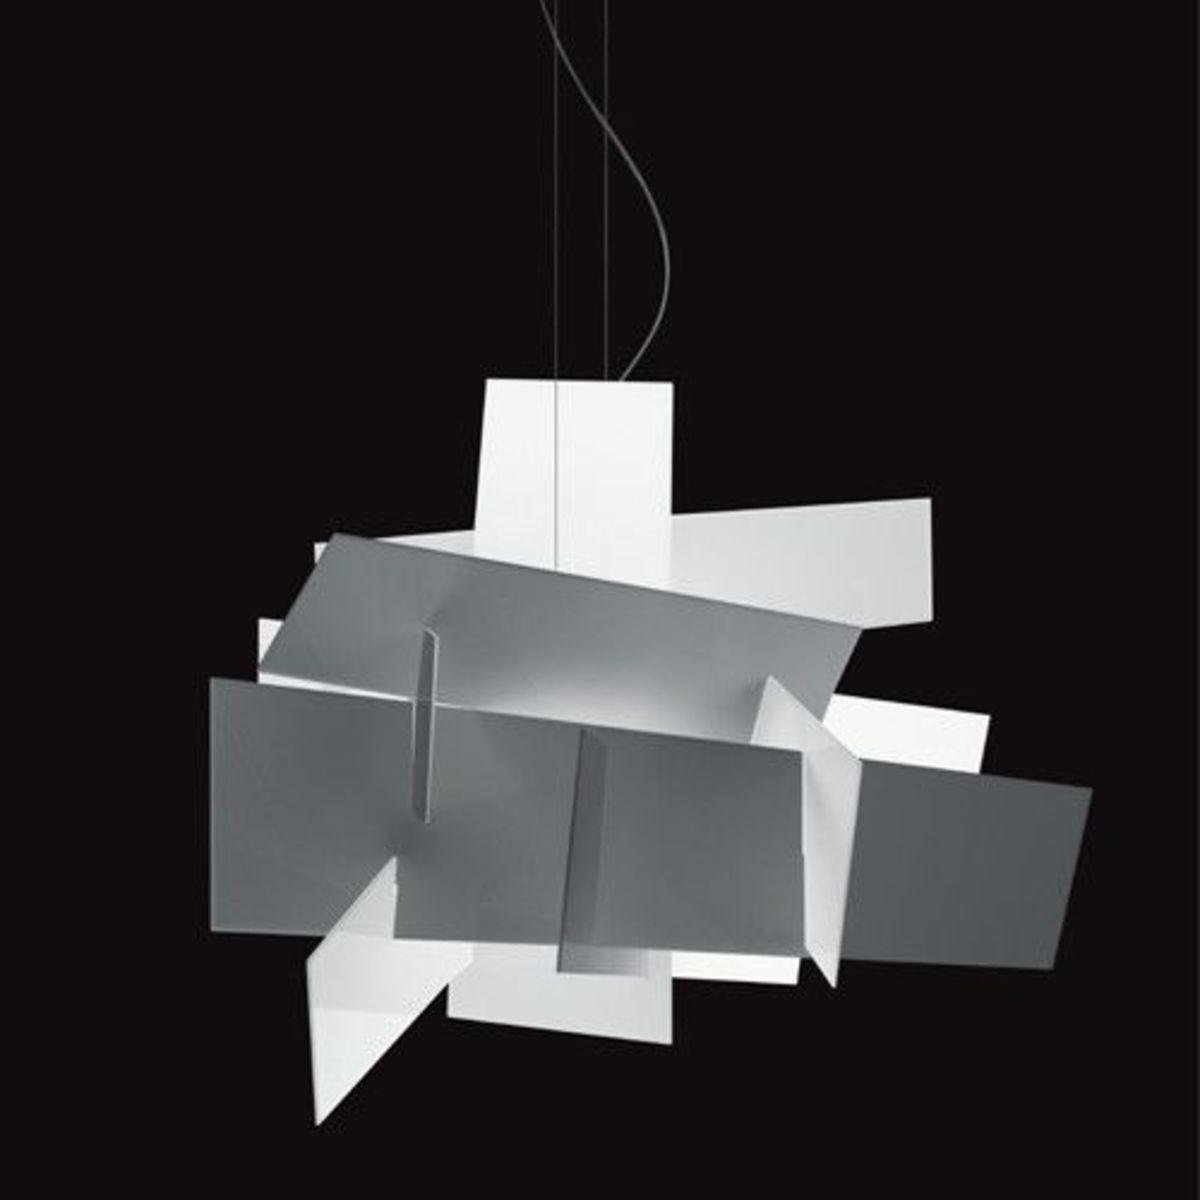 unique-lamps-as-an-interior-element